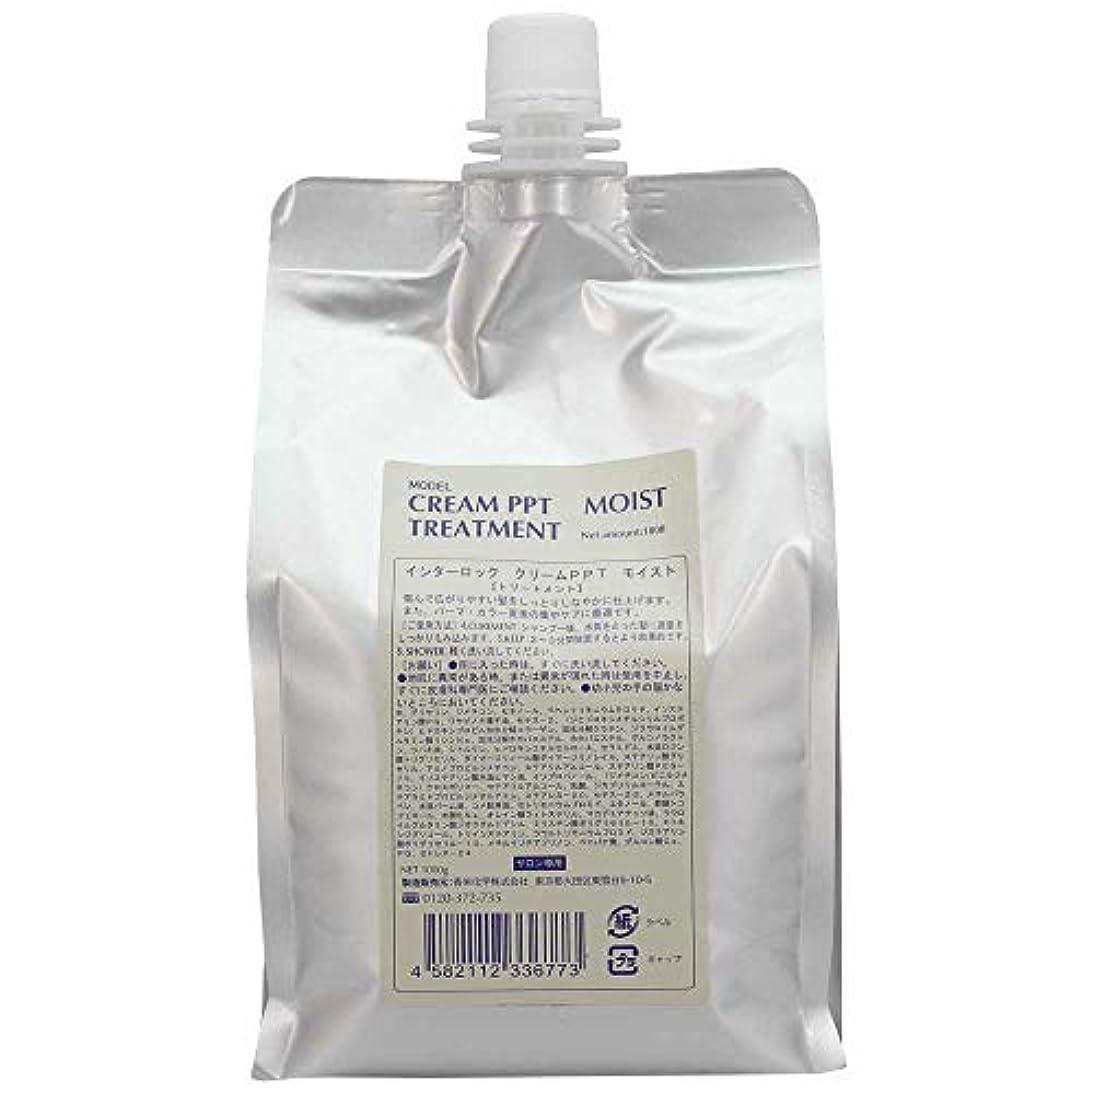 窒息させる官僚追い出す香栄化学 クリームPPTモイスト 1000g 詰め替え (トリートメント)